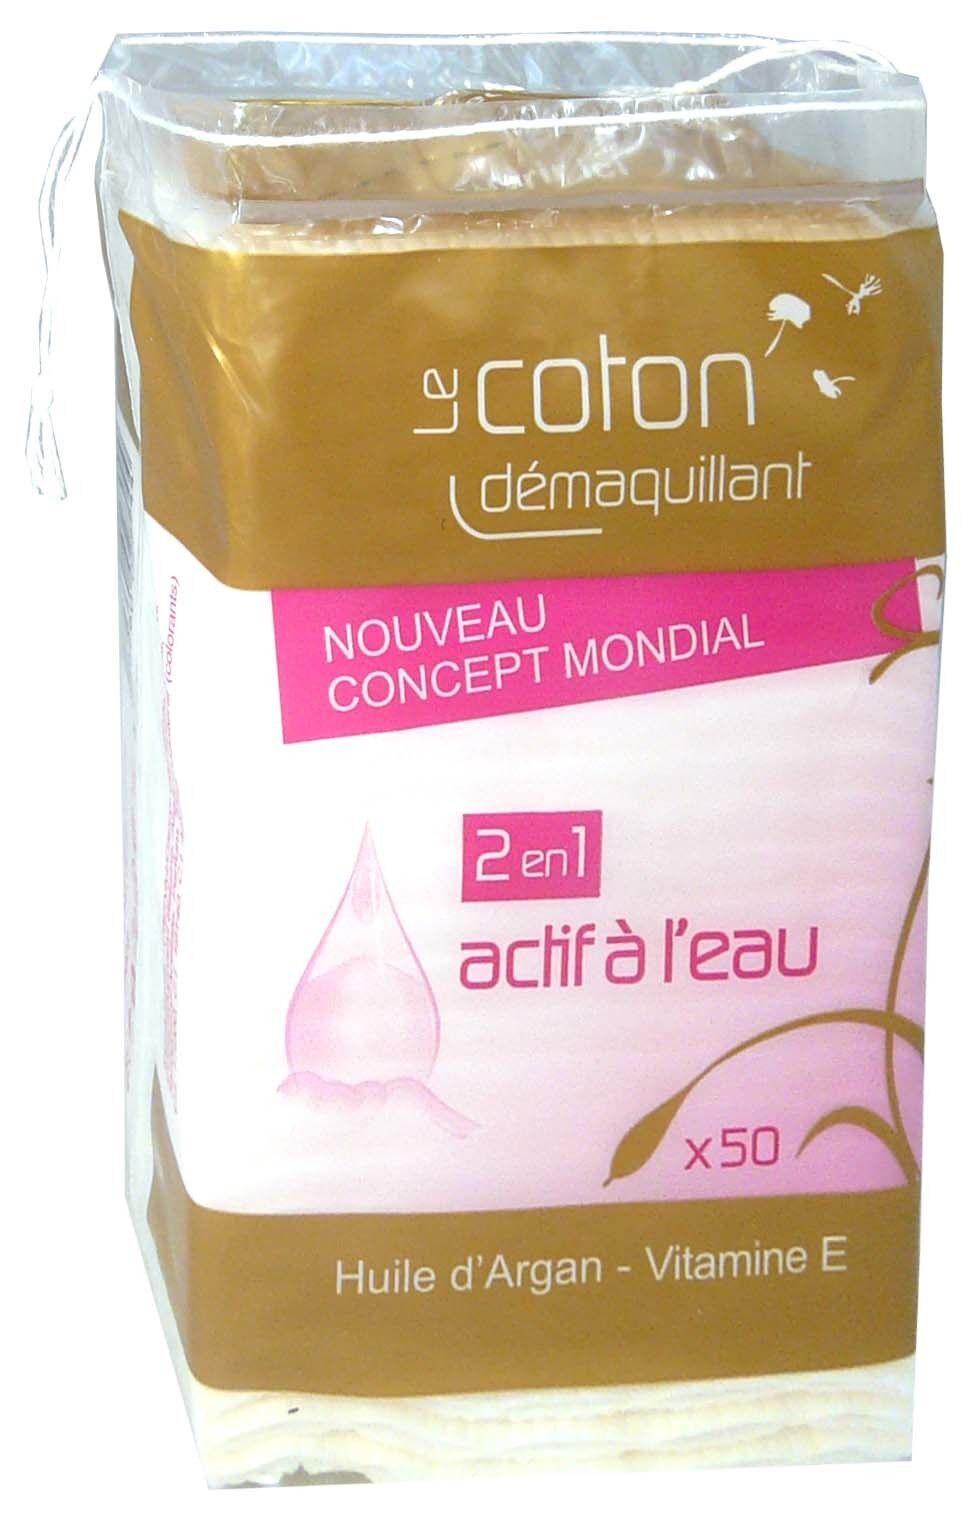 TETRA MEDICAL Le coton demaquillant 2en1 actif a l'eau x50